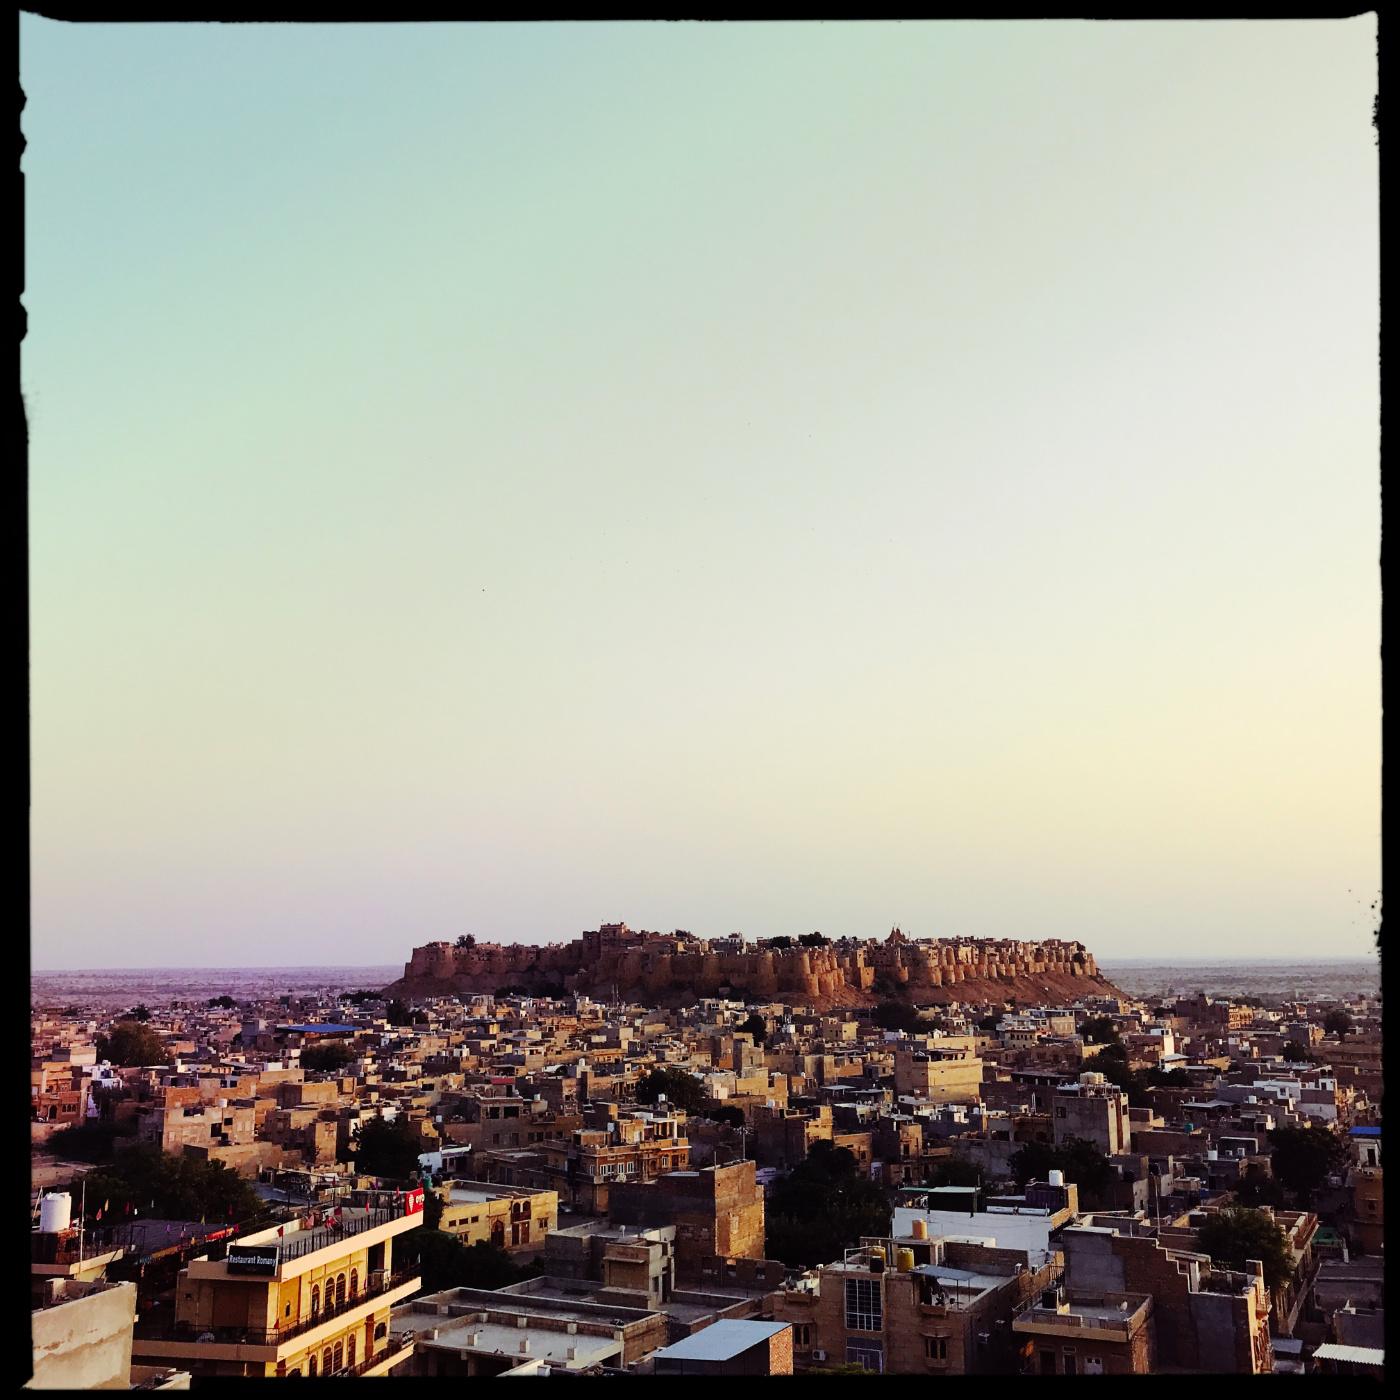 521-India-Jaisalmer